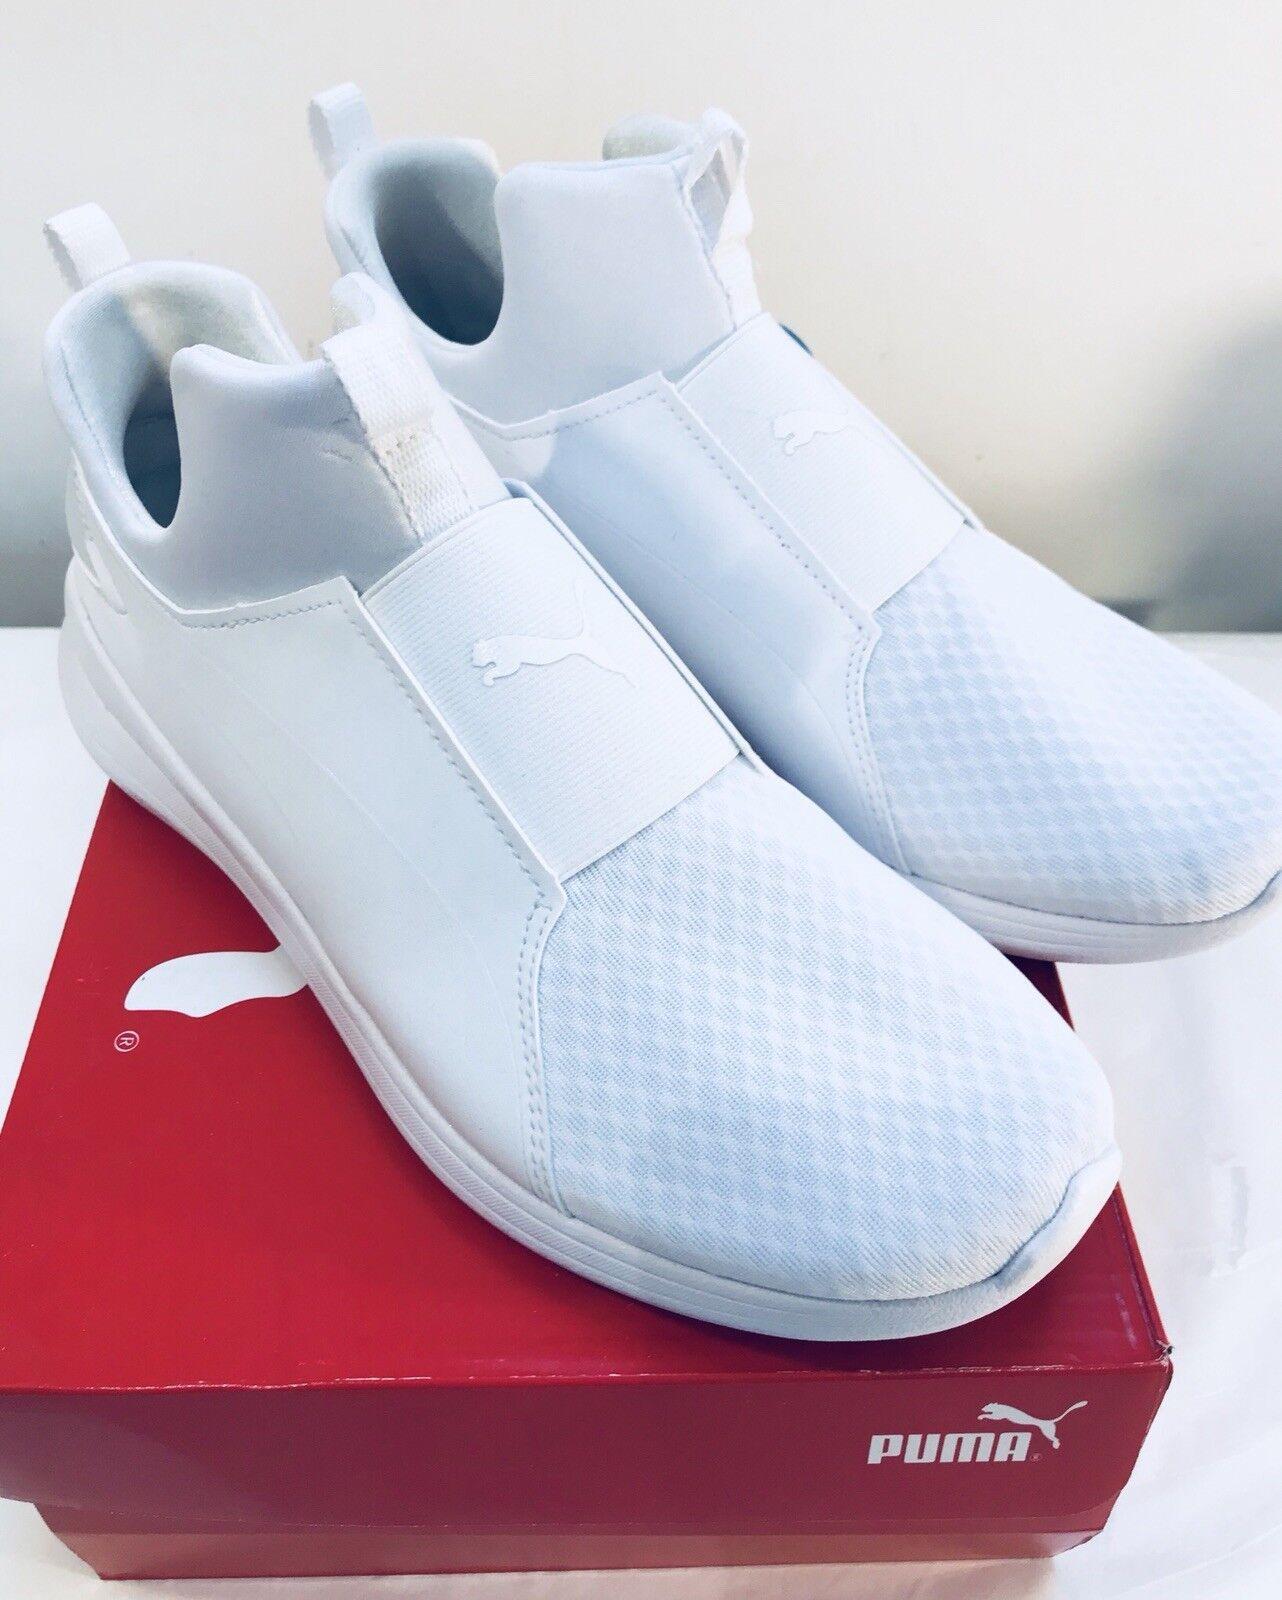 Puma Rebel Mid femmes chaussures blanc EU40 UK6.5